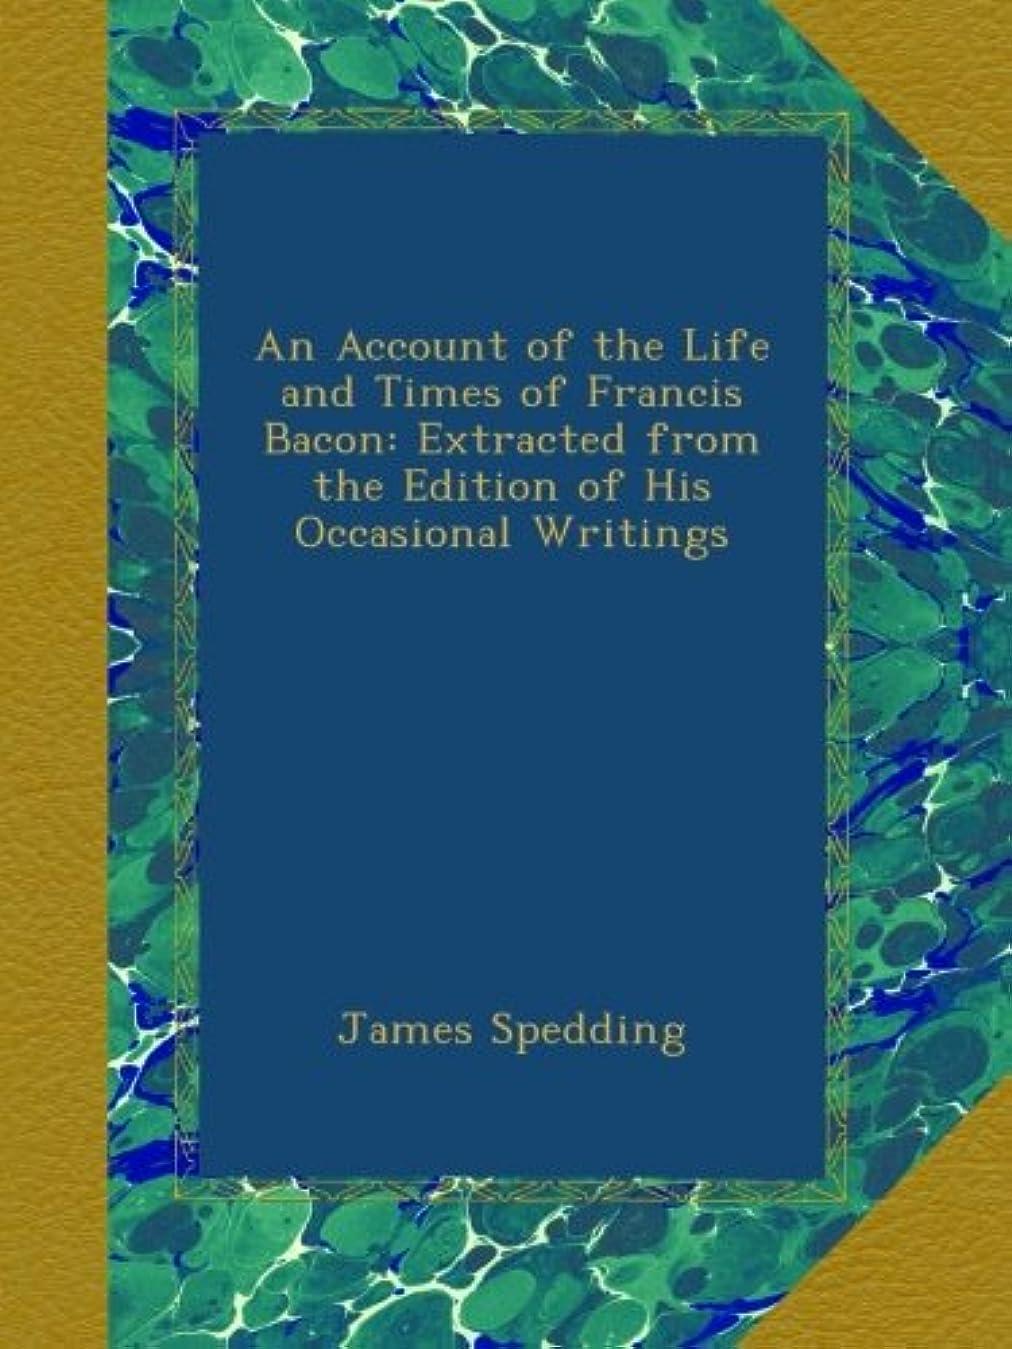 鉄ホバートジェームズダイソンAn Account of the Life and Times of Francis Bacon: Extracted from the Edition of His Occasional Writings